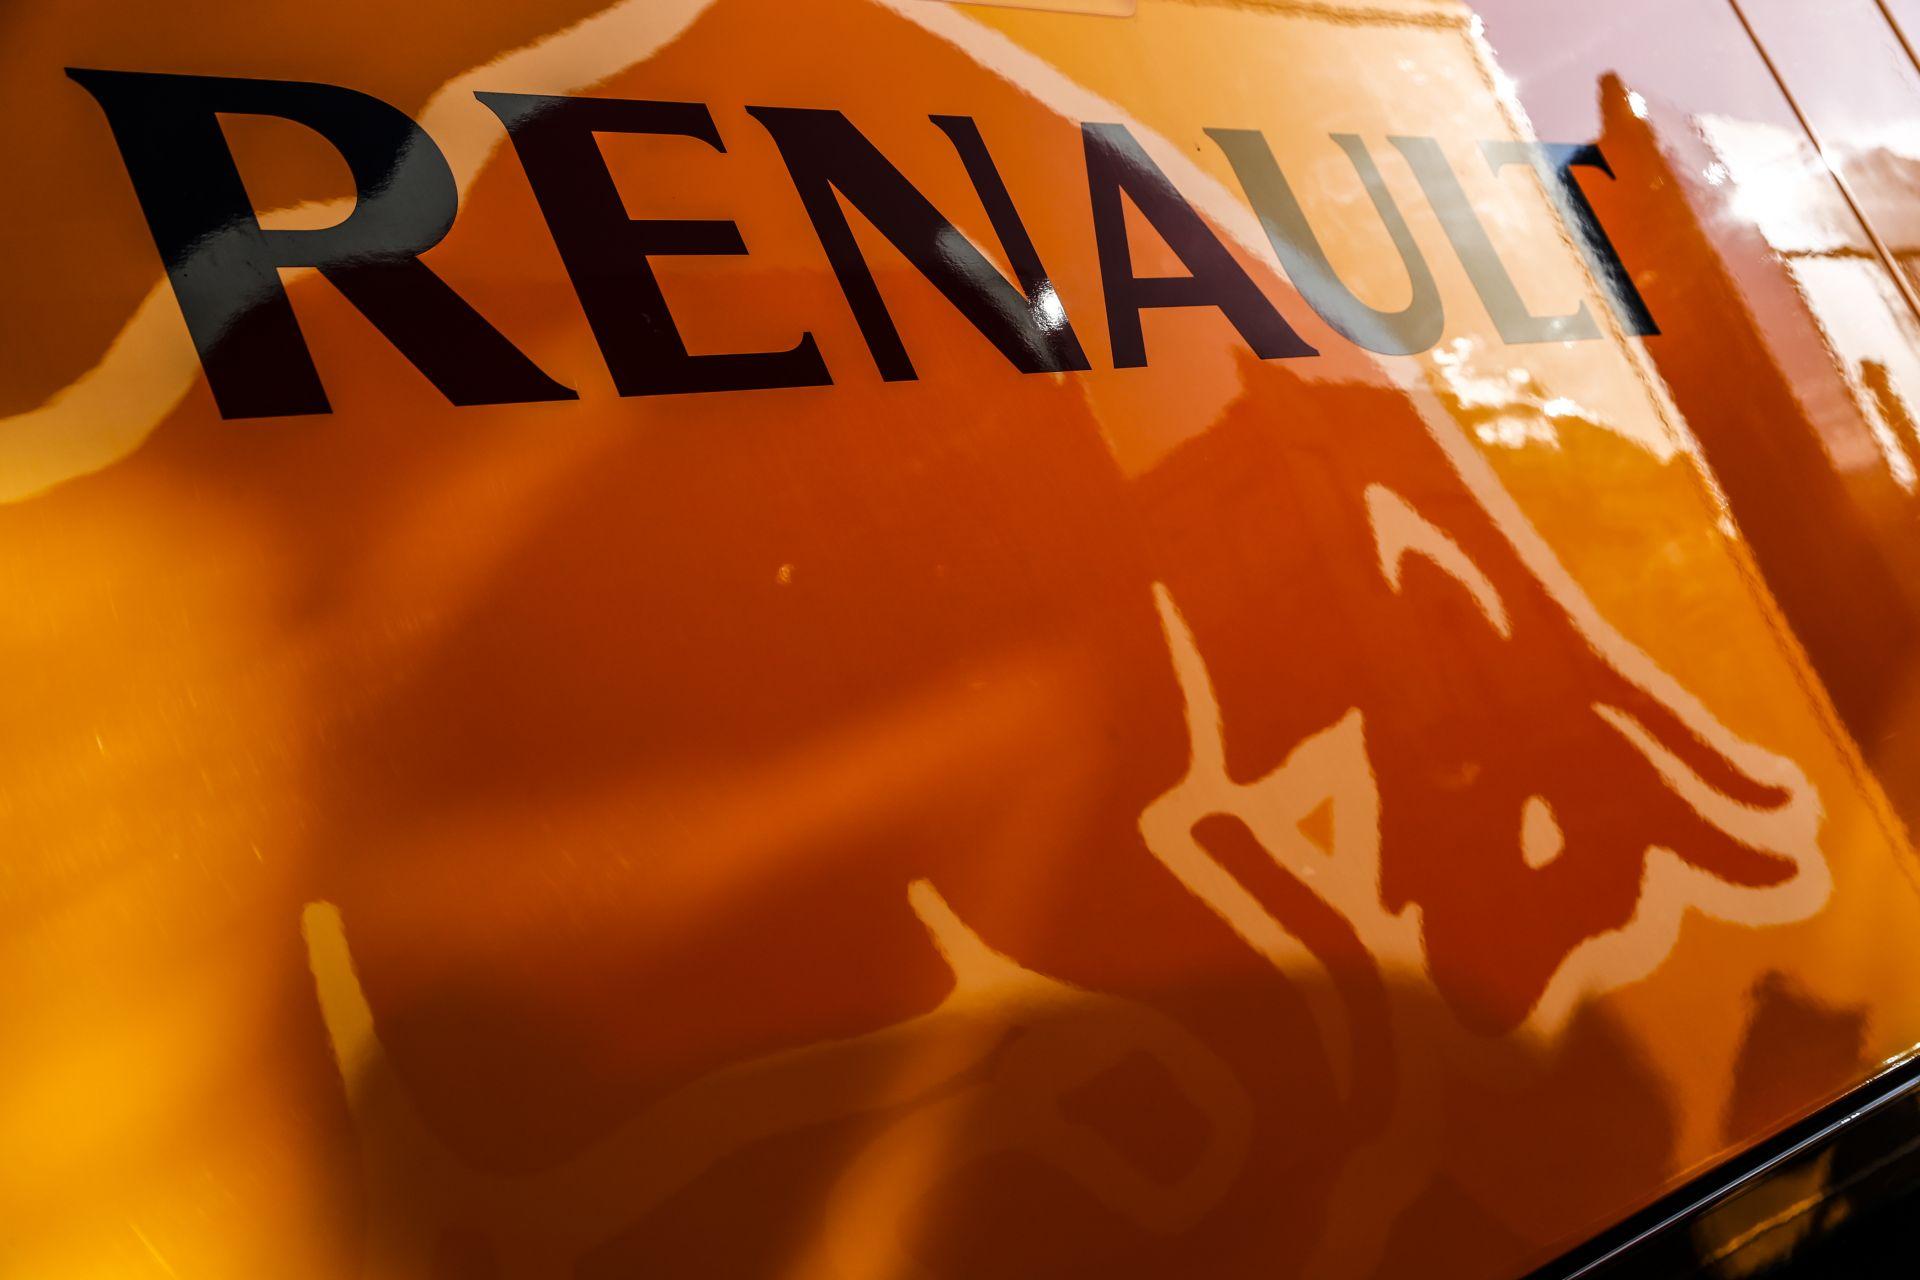 Gyengébb motorokat fog kapni a Red Bull a Renault-tól?